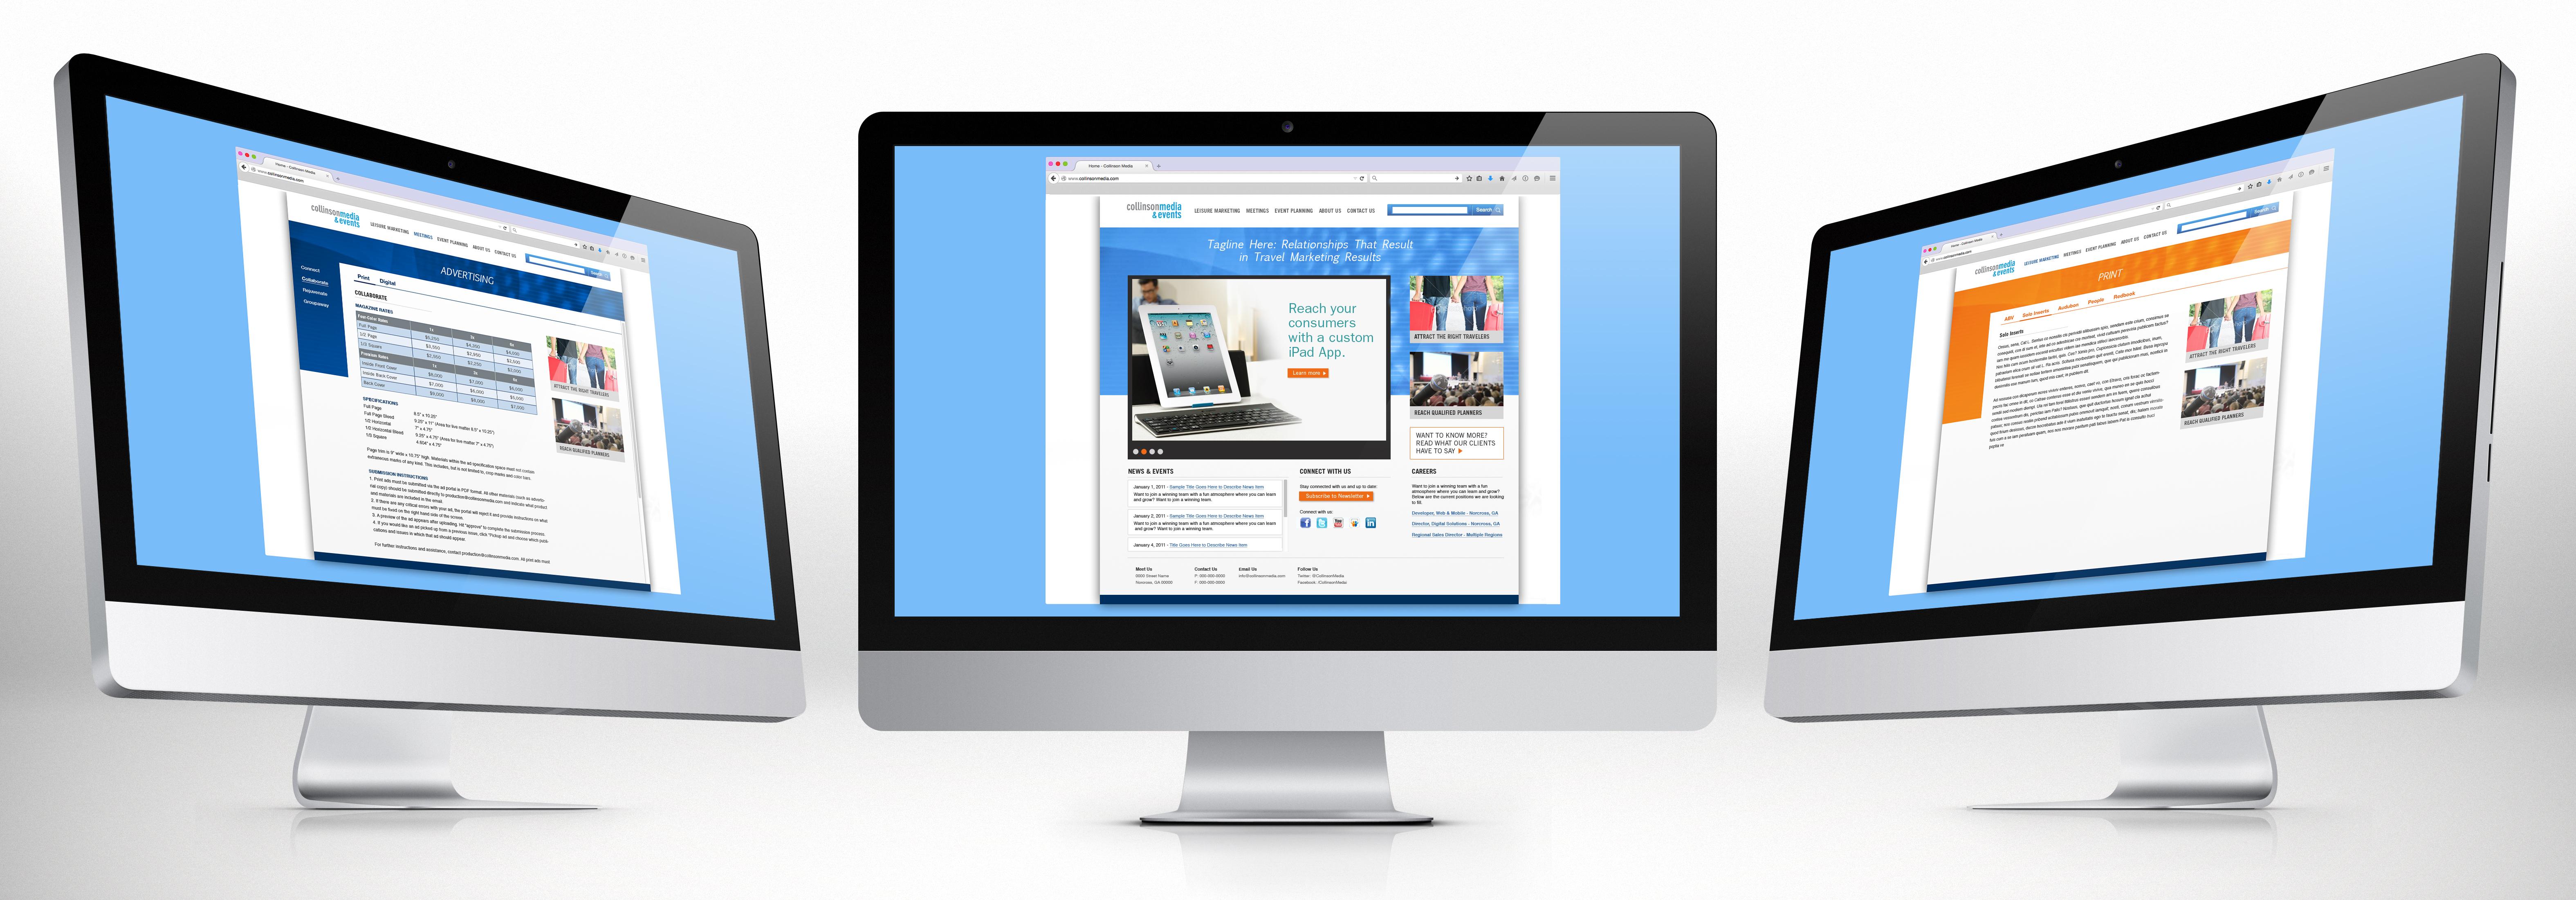 CollinsonWebsite_3screens